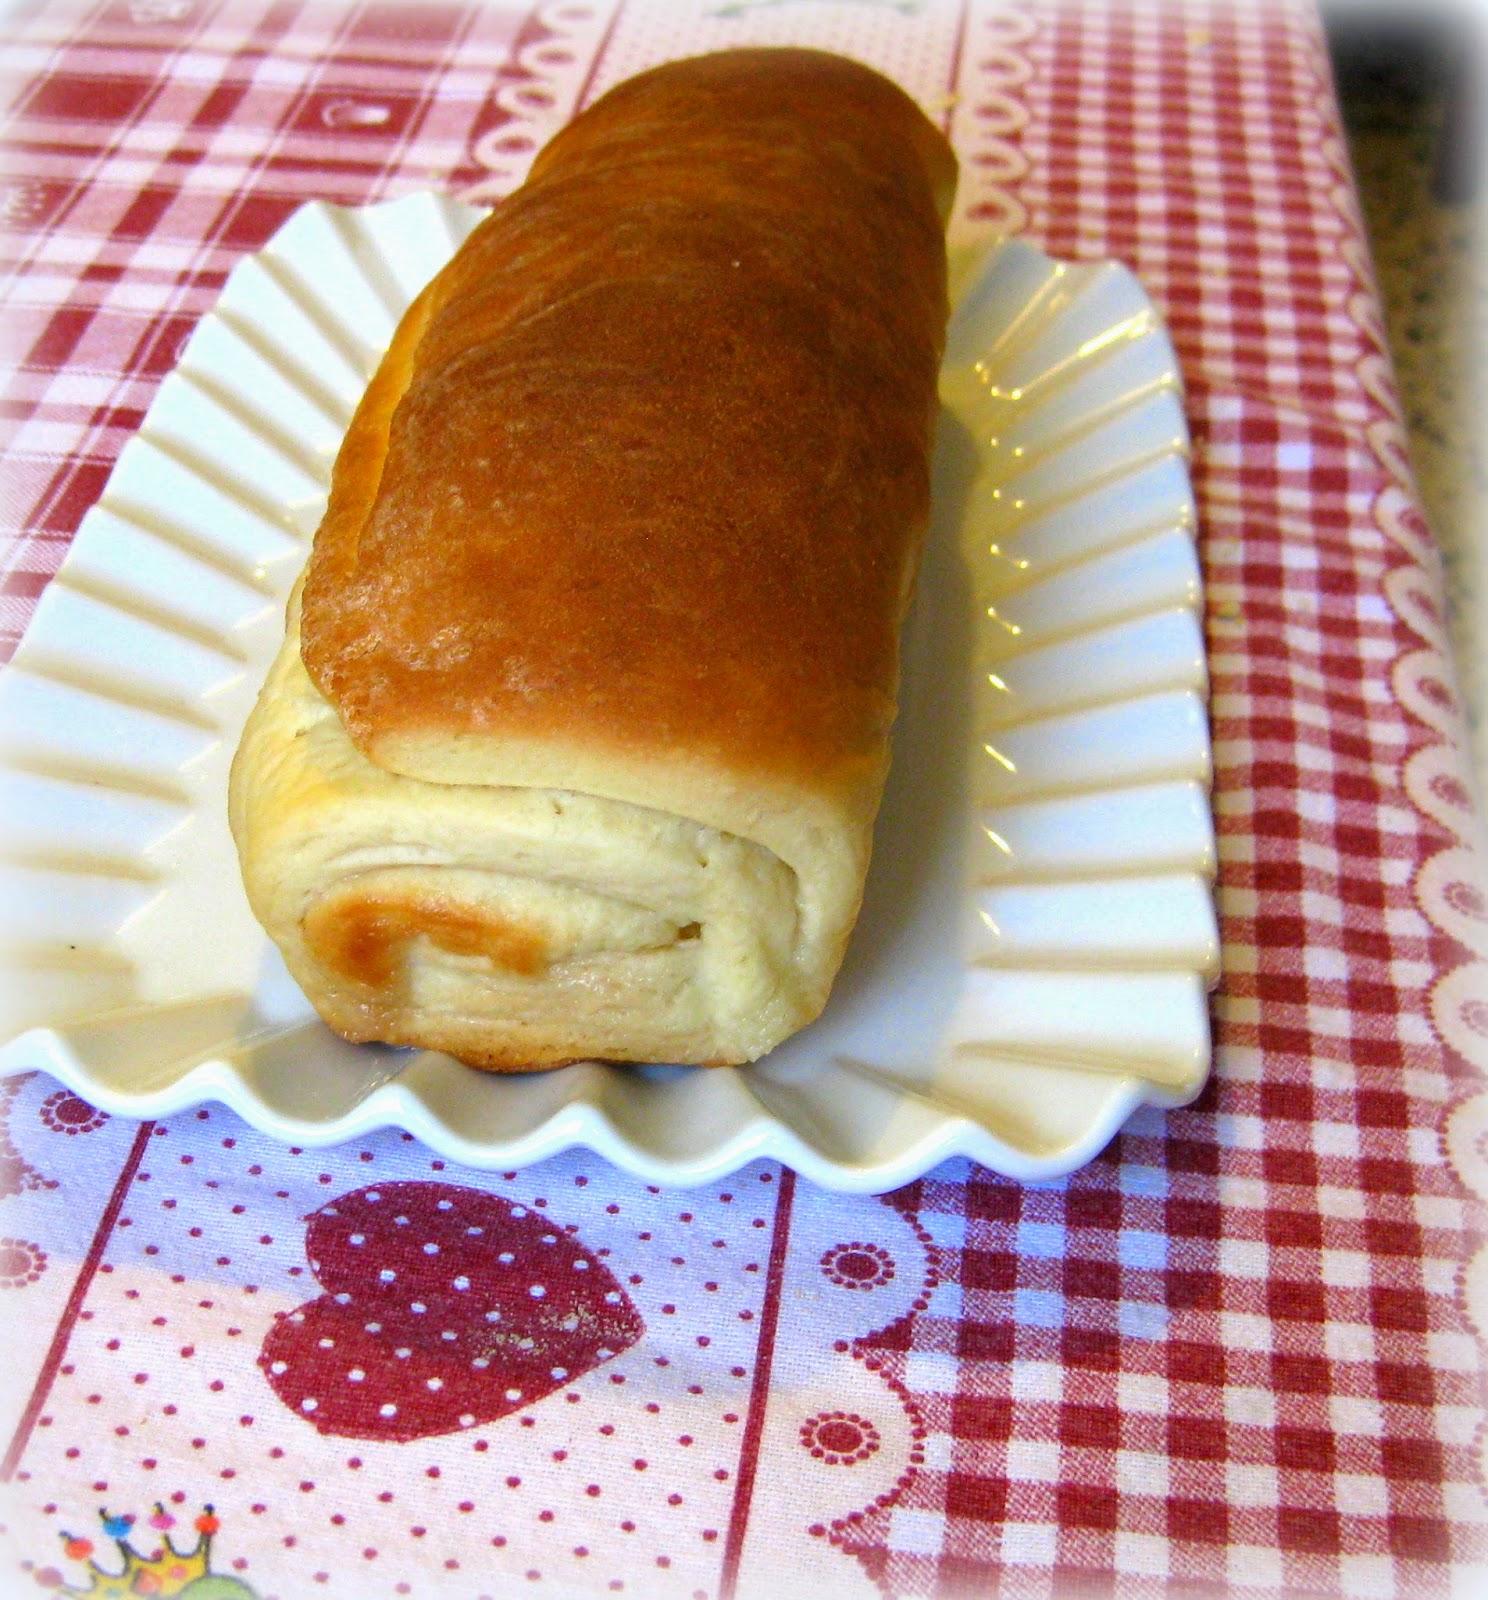 La ricetta di un pane dolce aromatizzato con la cannella e farcito di zucchero è perfetta per qualunque età.